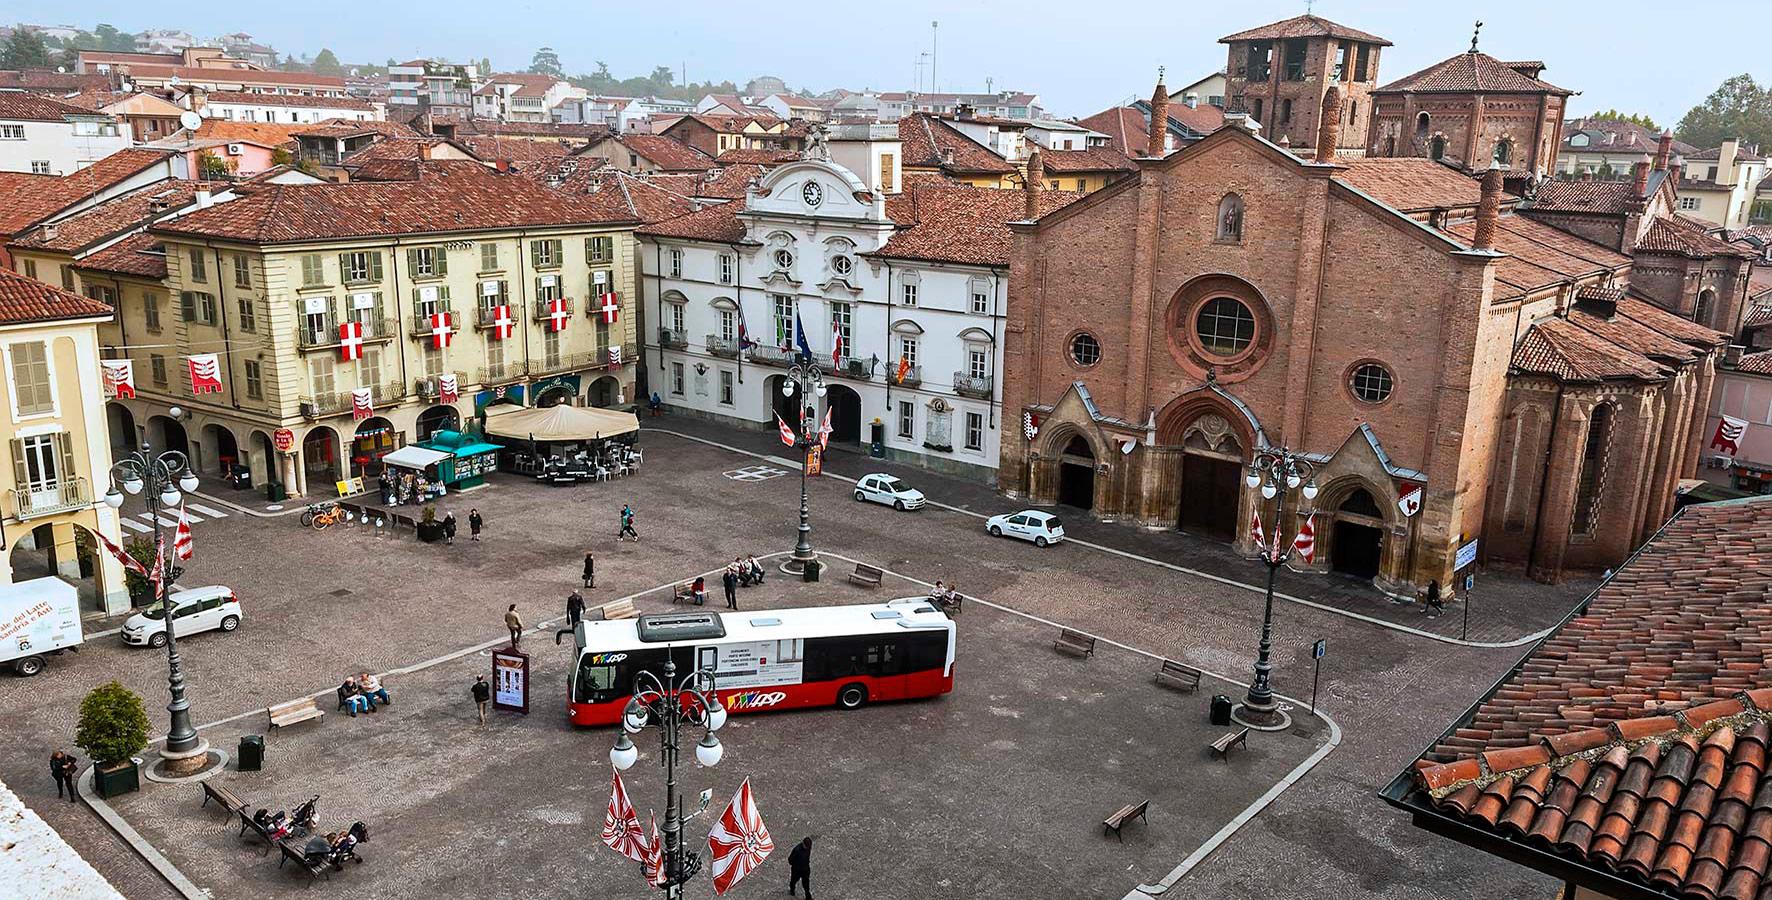 Bus in Piazza San Secondo